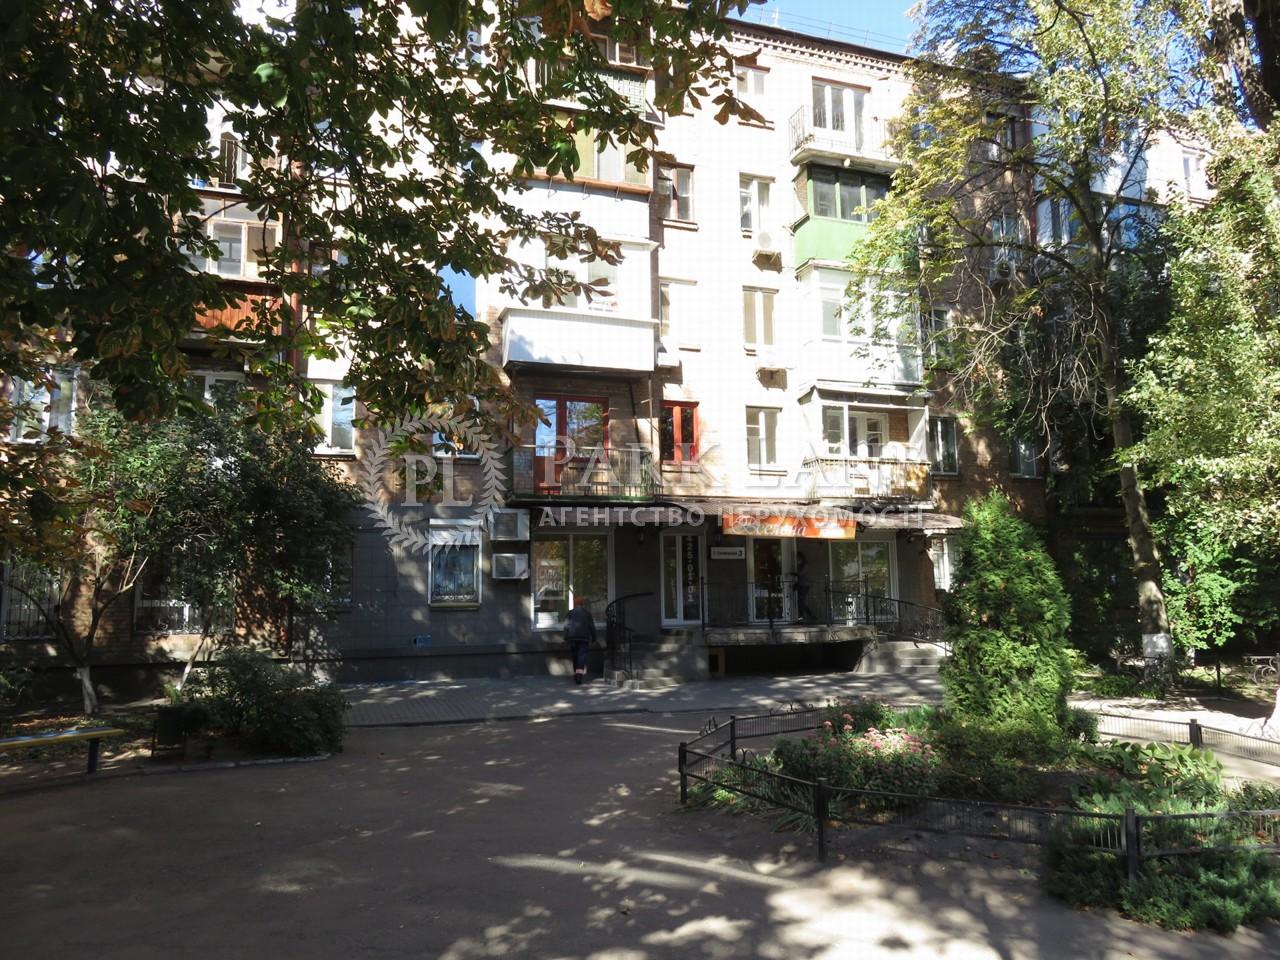 Квартира вул. Сковороди Г., 3, Київ, Z-337302 - Фото 10